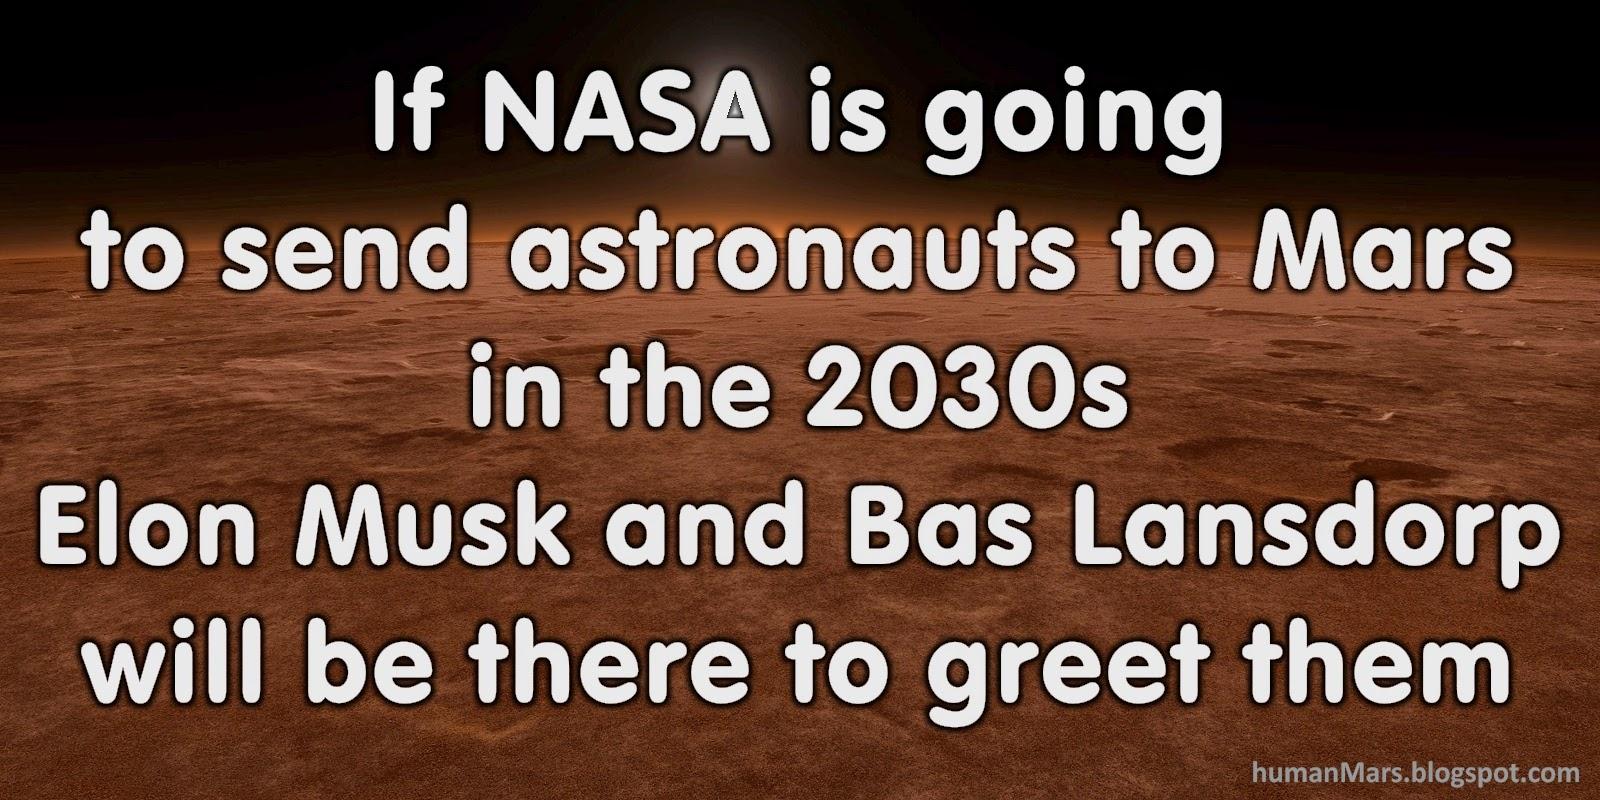 mars landing quotes - photo #24